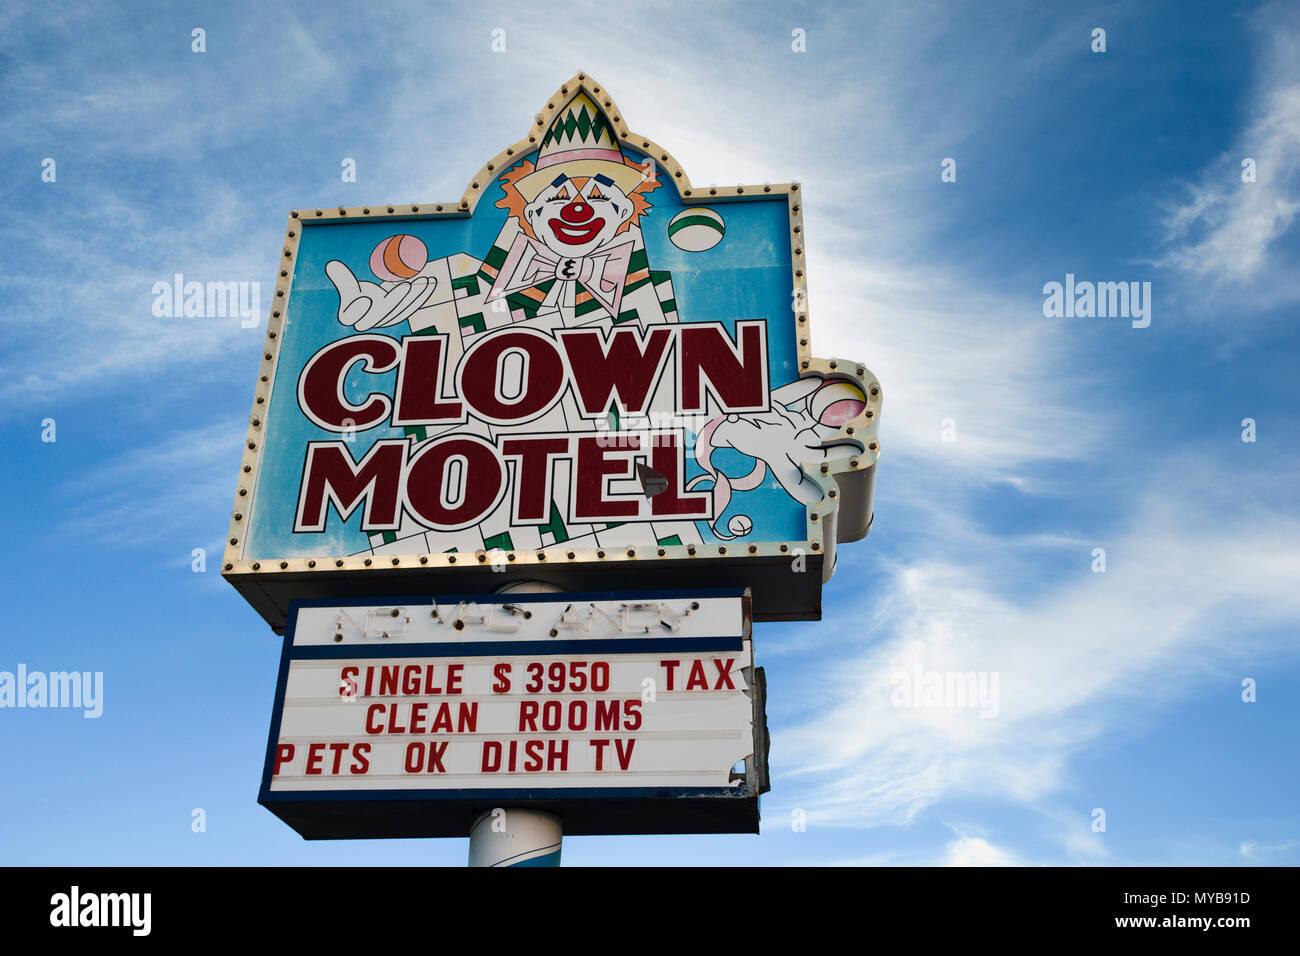 La escalofriante y supuestamente embrujada Motel payaso en el antiguo pueblo minero de Tonopah, Nevada, América del Norte. Imagen De Stock